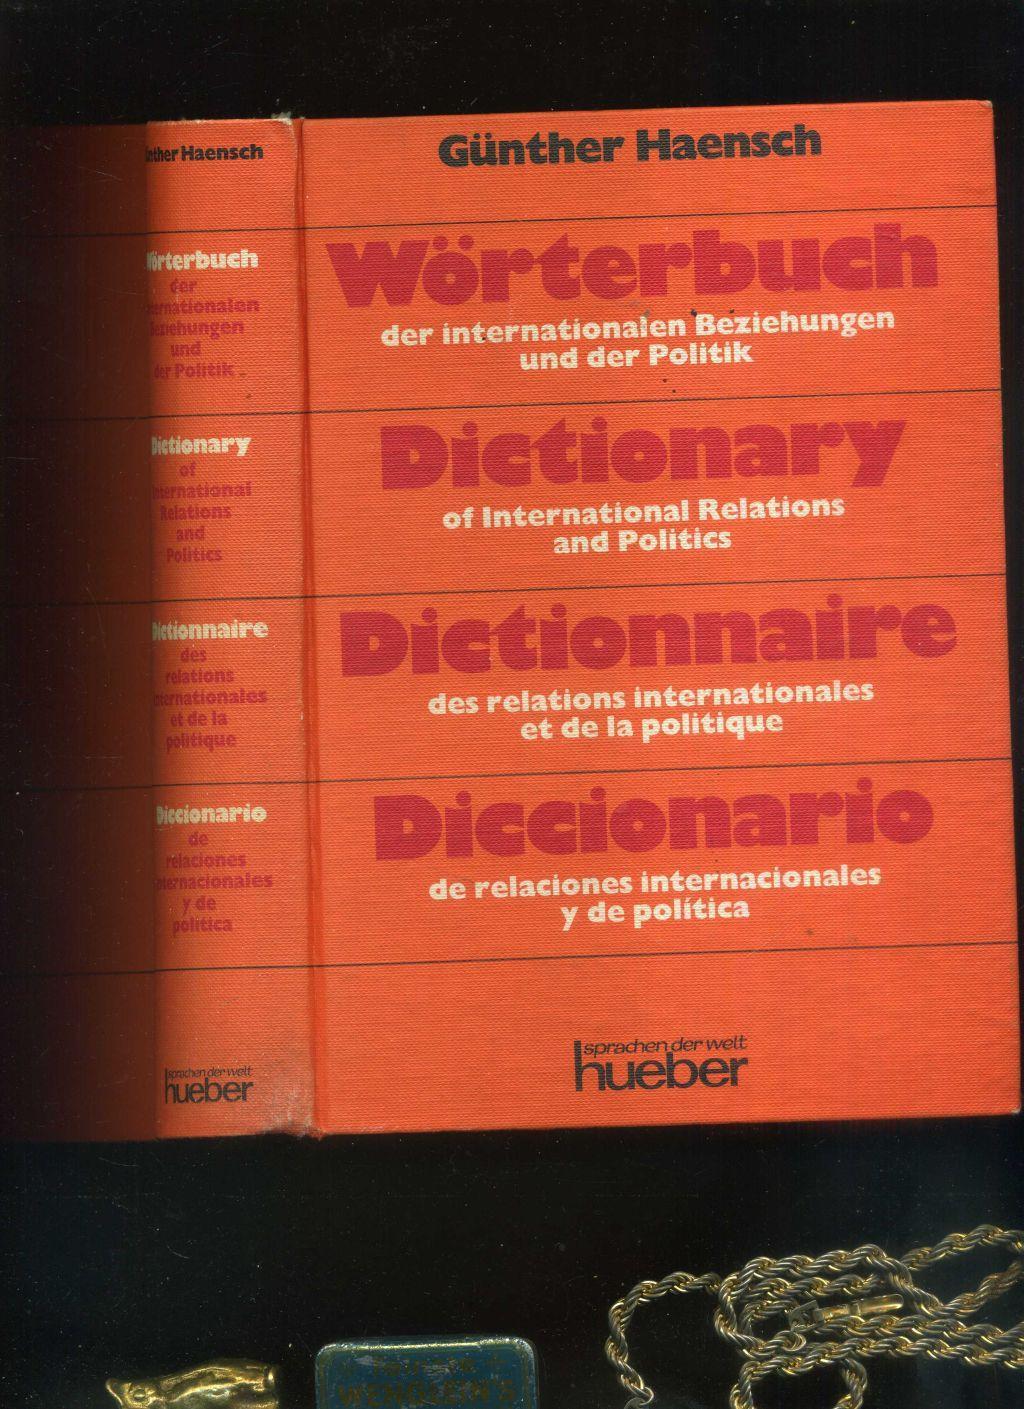 Wörterbuch der internationalen Beziehungen und der Politik.: Günther Haensch: